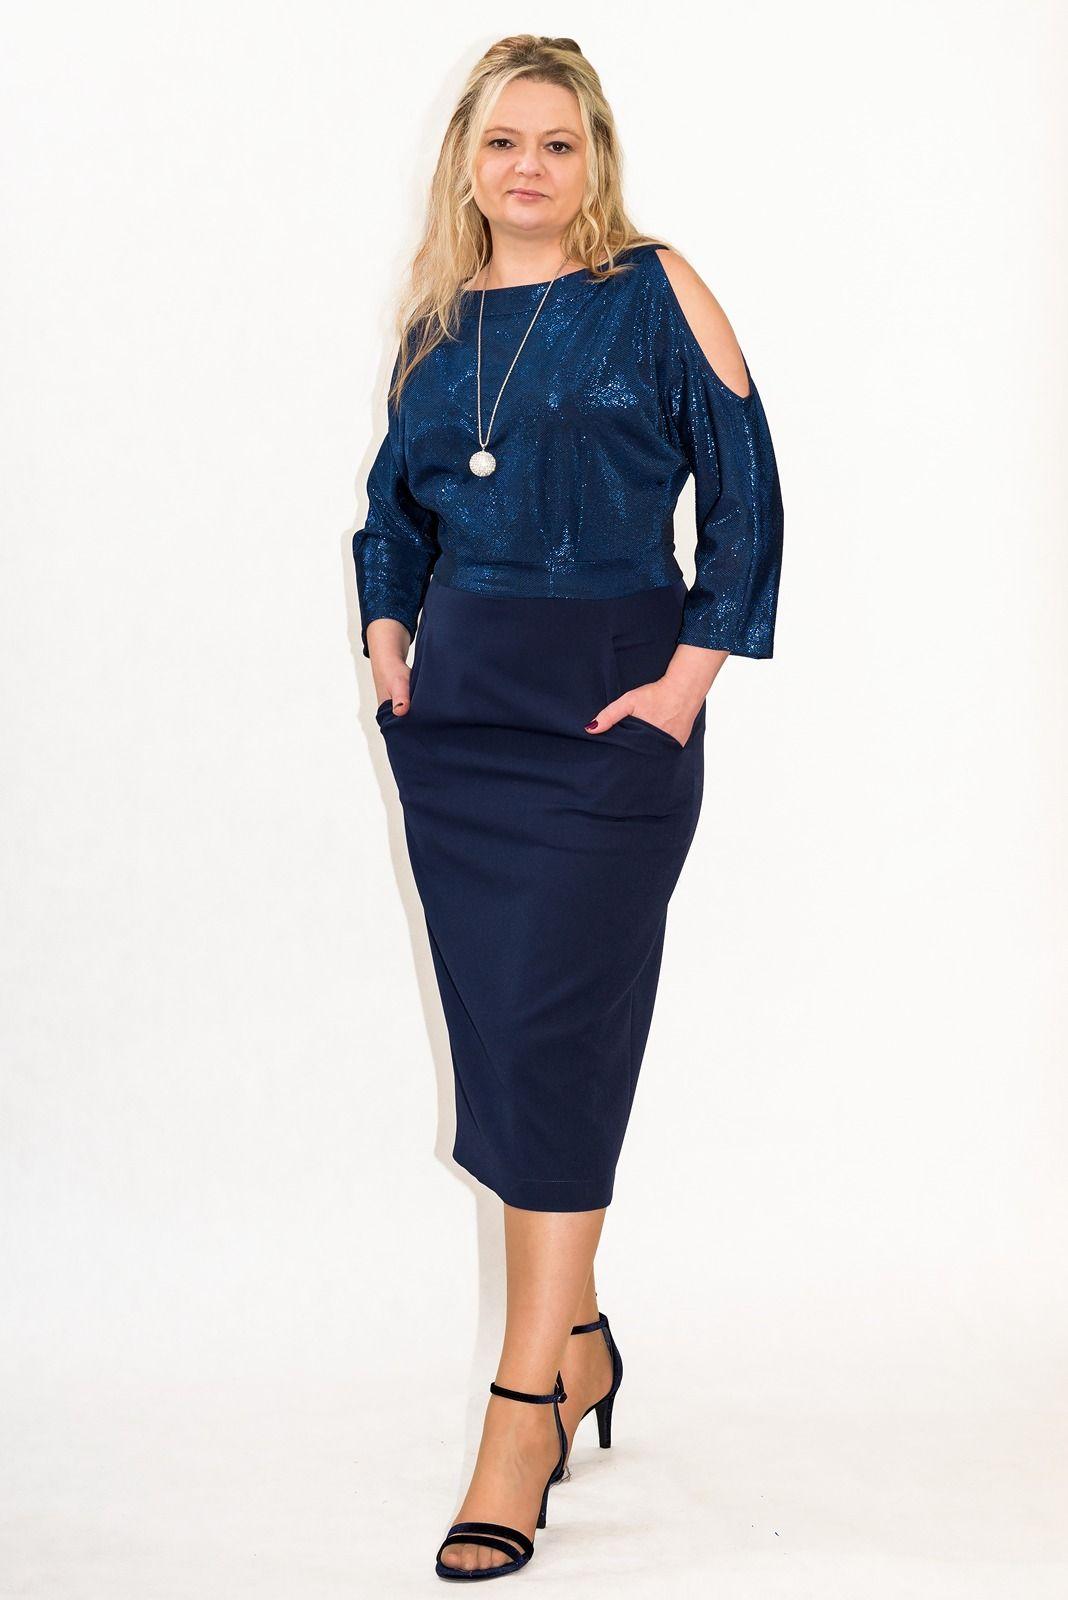 e8309f5d Elegancka sukienka XXL MARI 40-60 PLUS SIZE na sylwester w 2019 ...